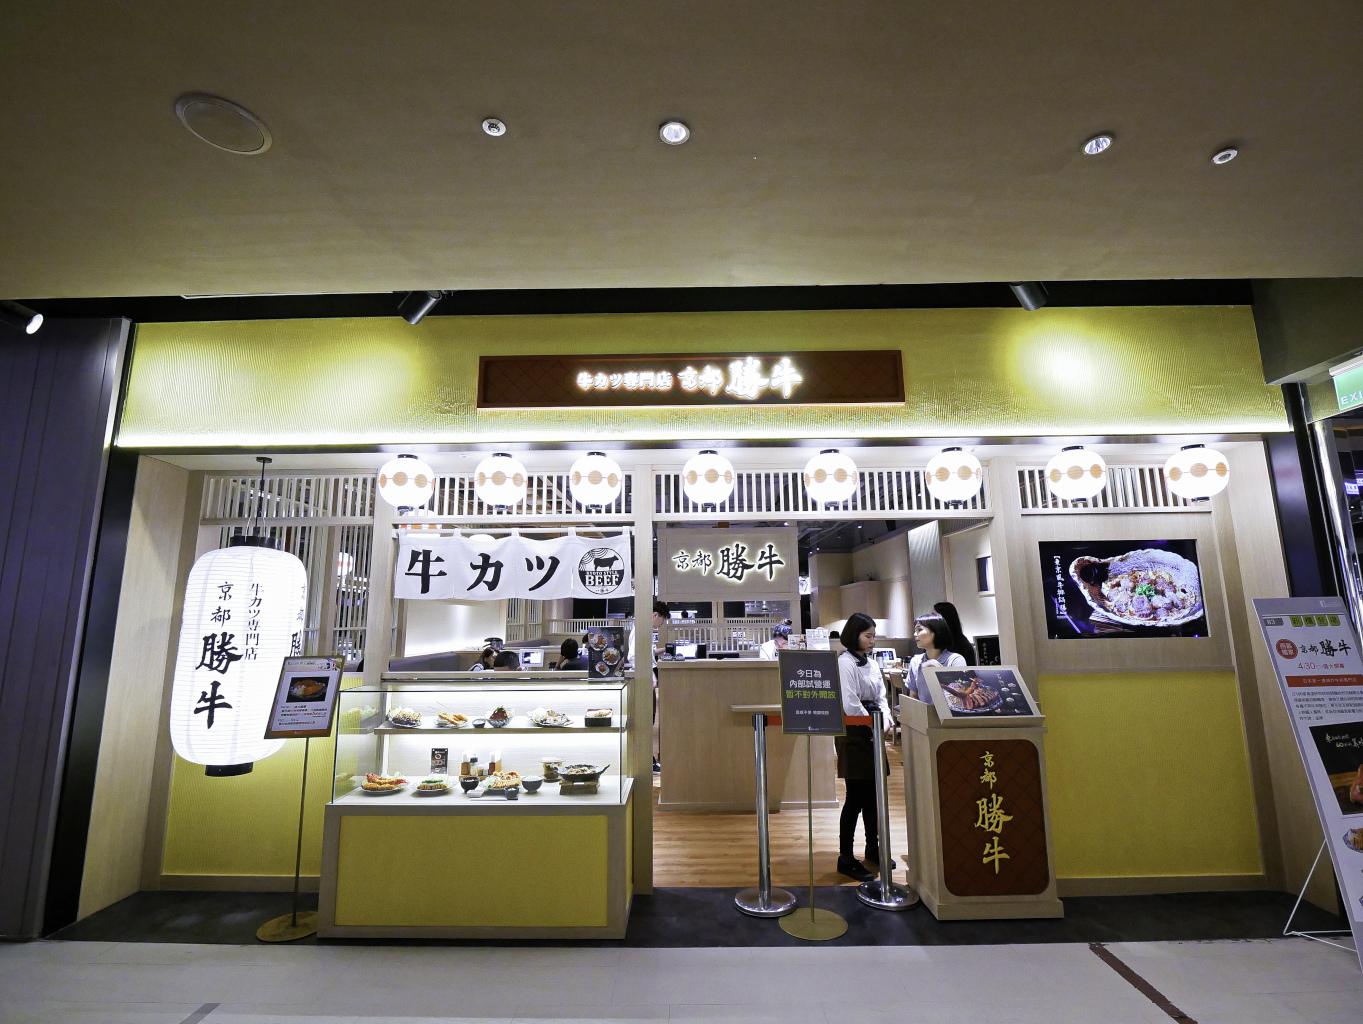 京都勝牛台北京站店-1.jpg